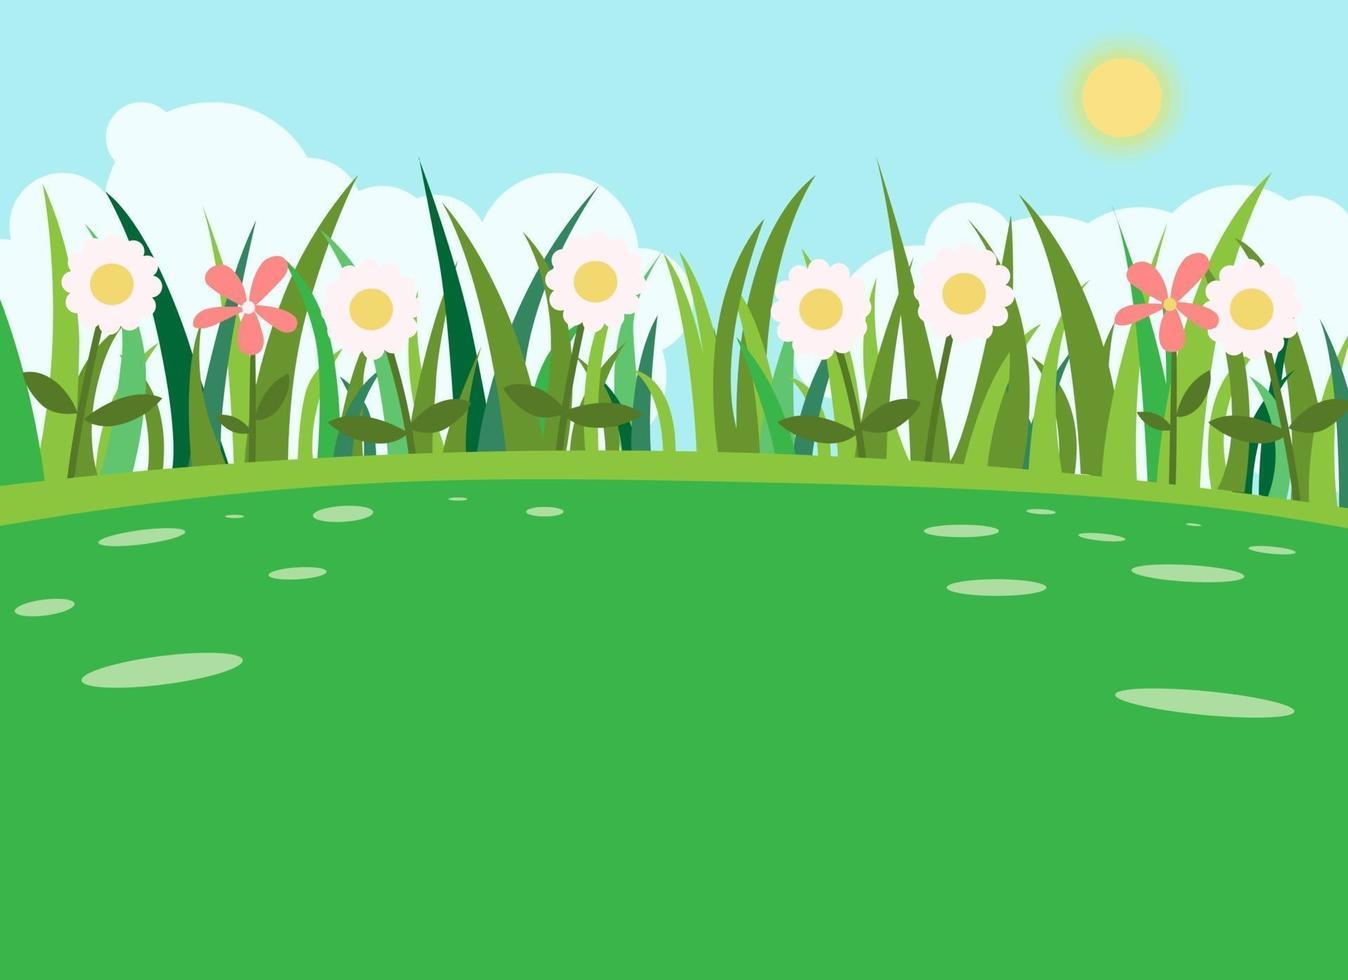 groen gras met bloem en hemelachtergrond. natuur landschap gras op groene heuvel. zomer natuurlijke scène. bloemen in het voorjaar. vector